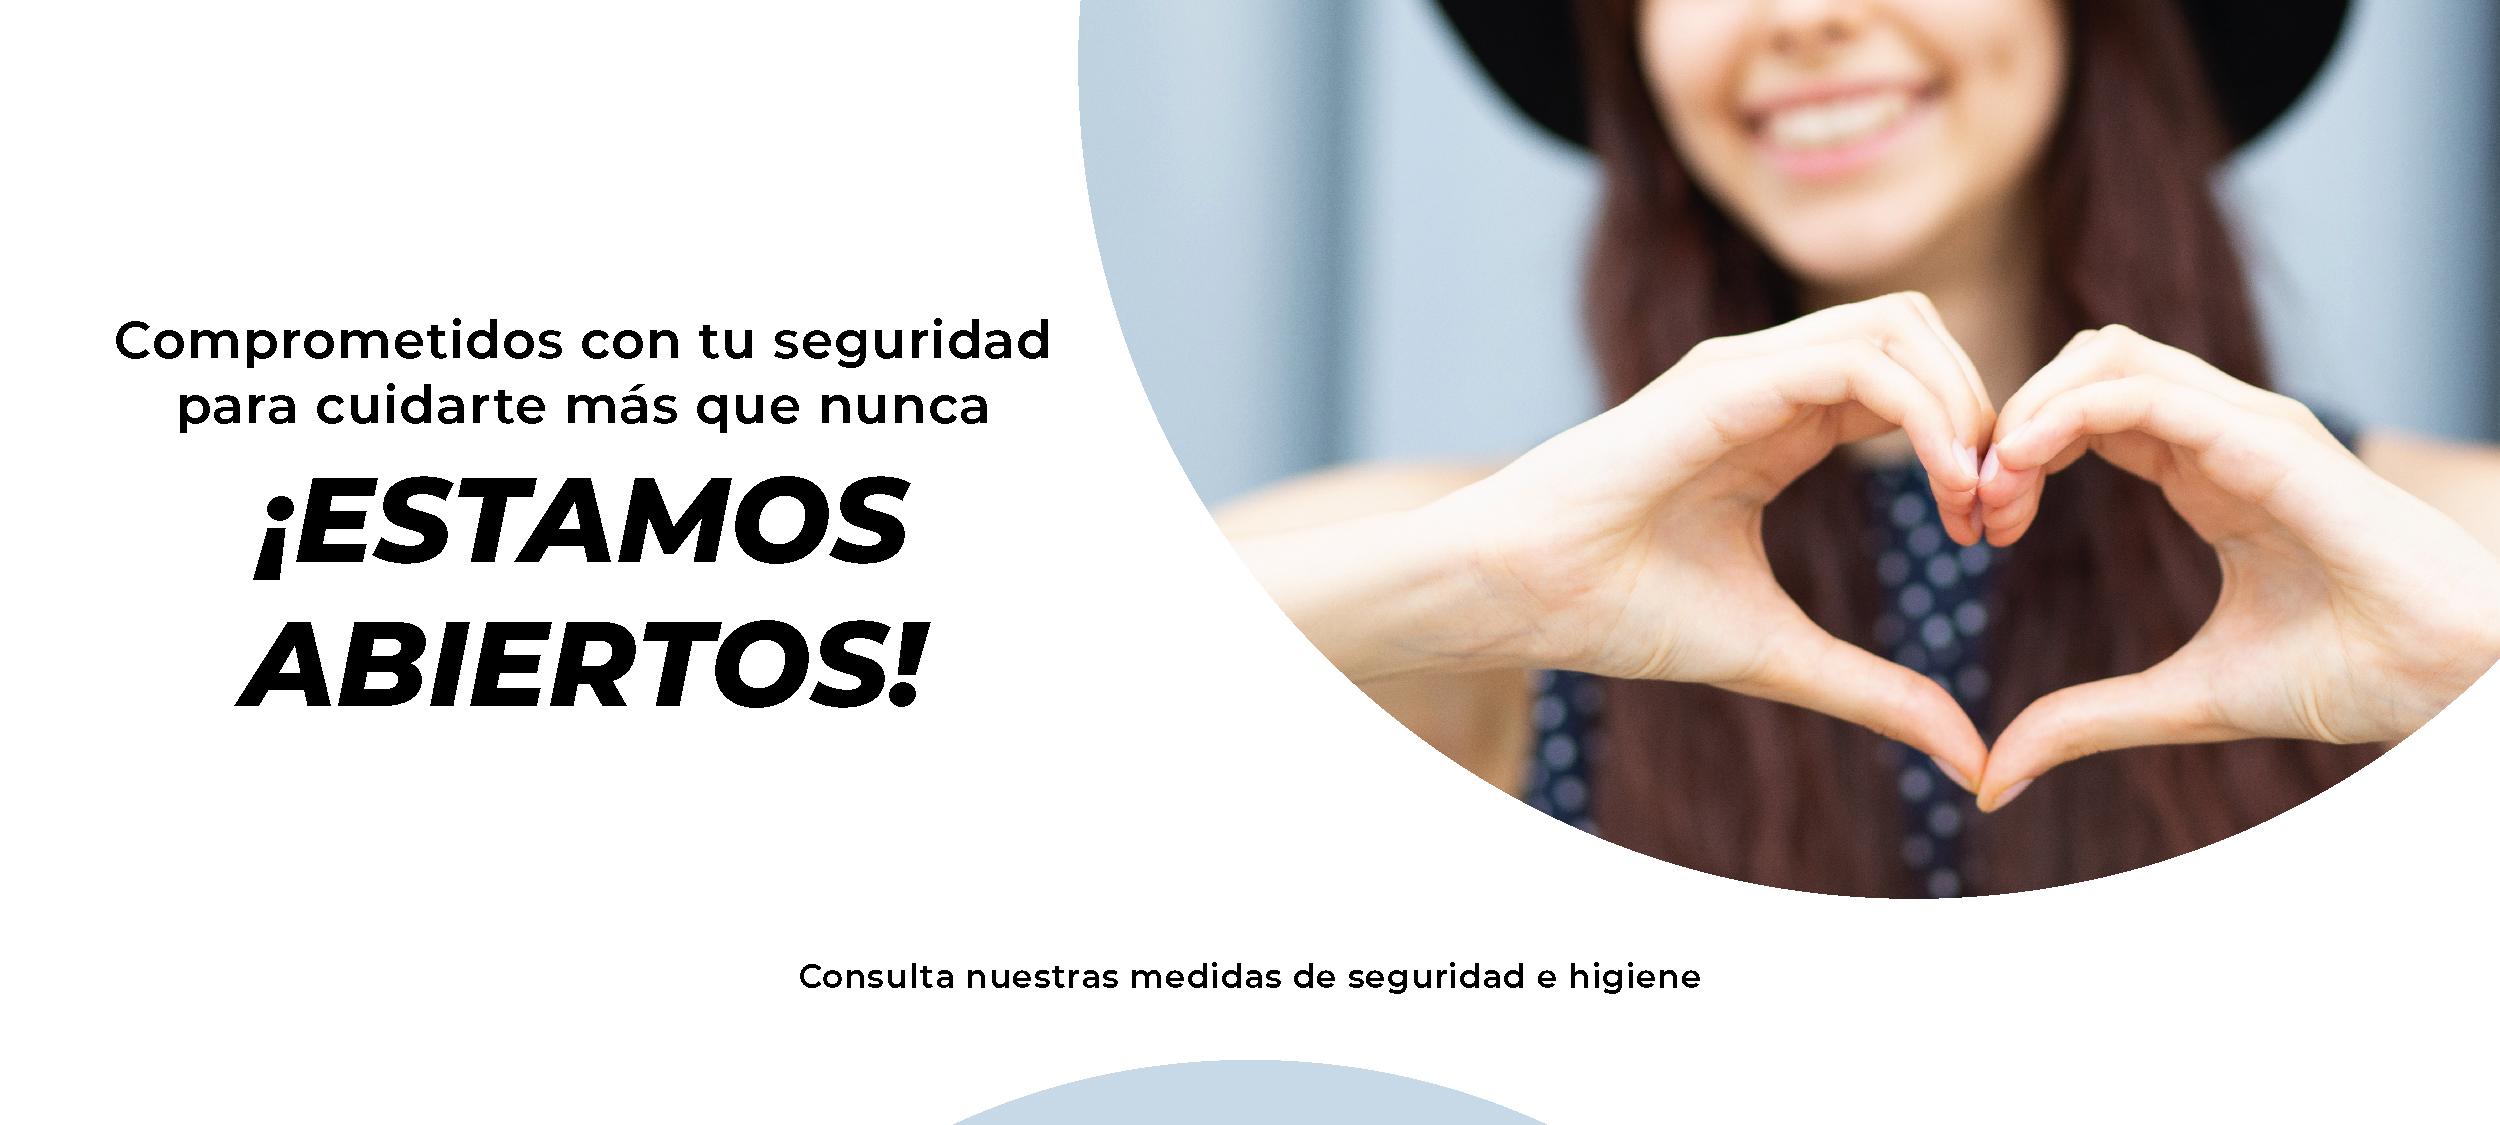 campaña_EstamosAbiertos_1200x540_home-esp